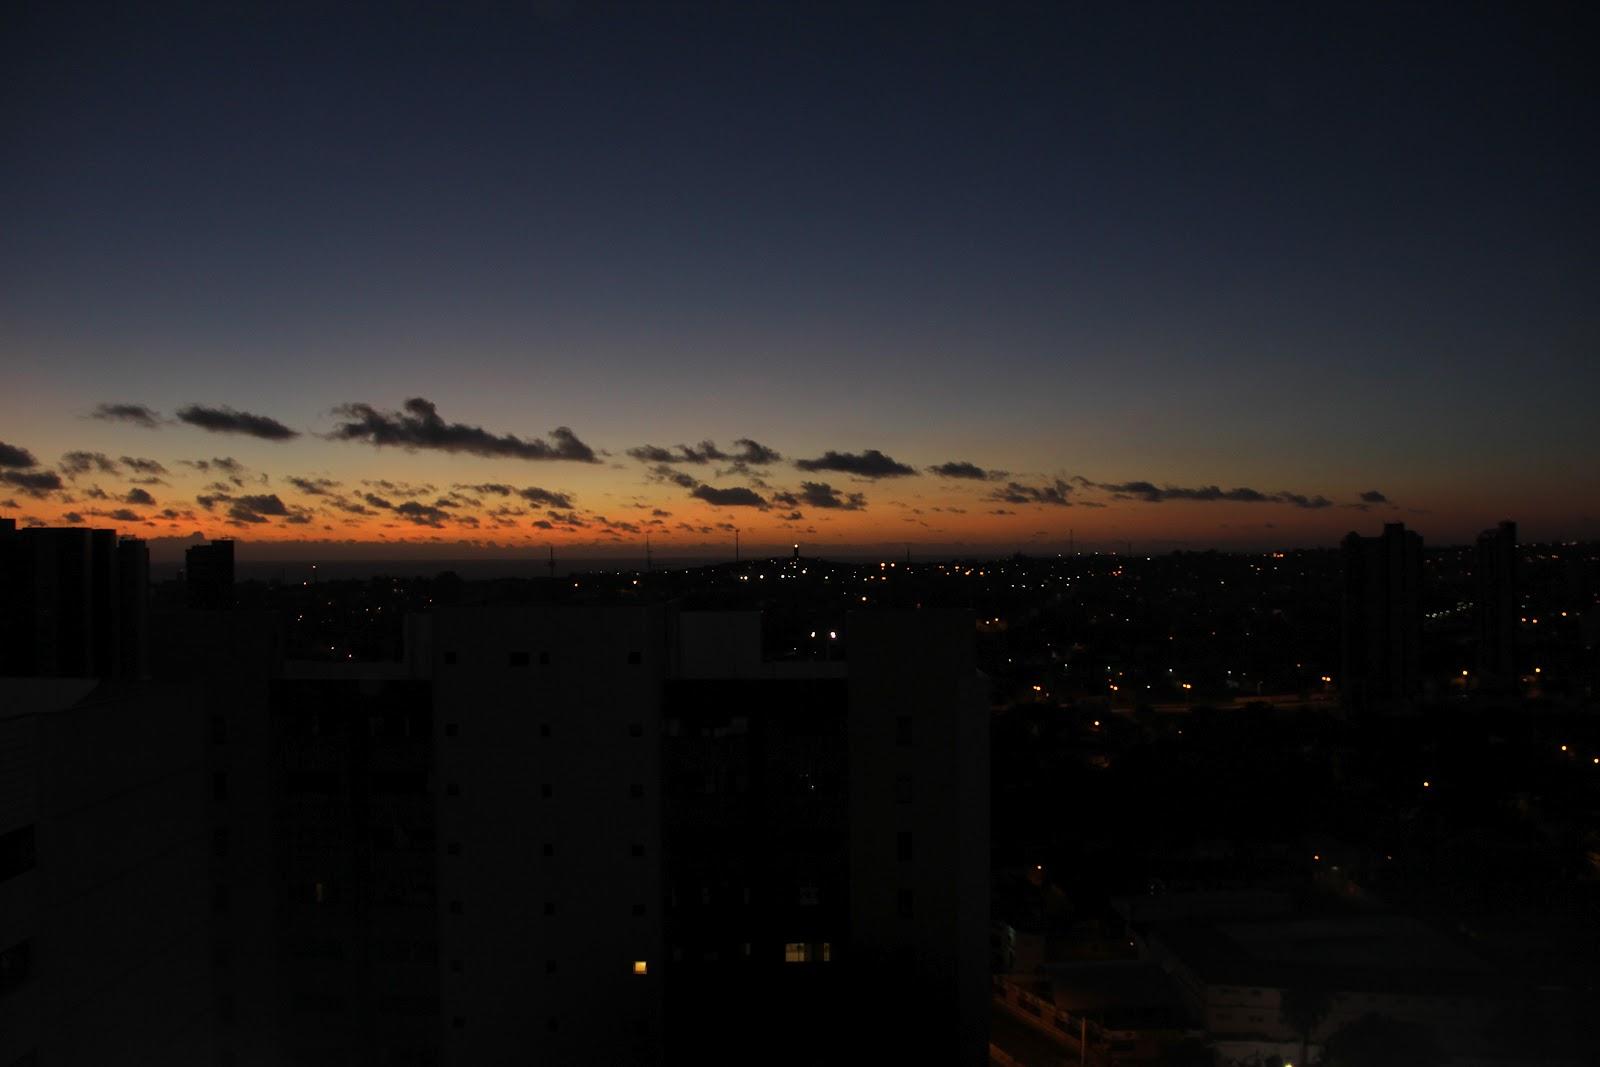 Nasce Um Novo Dia: Blog Do Macario: Nasce Um Novo Dia Em Fortaleza